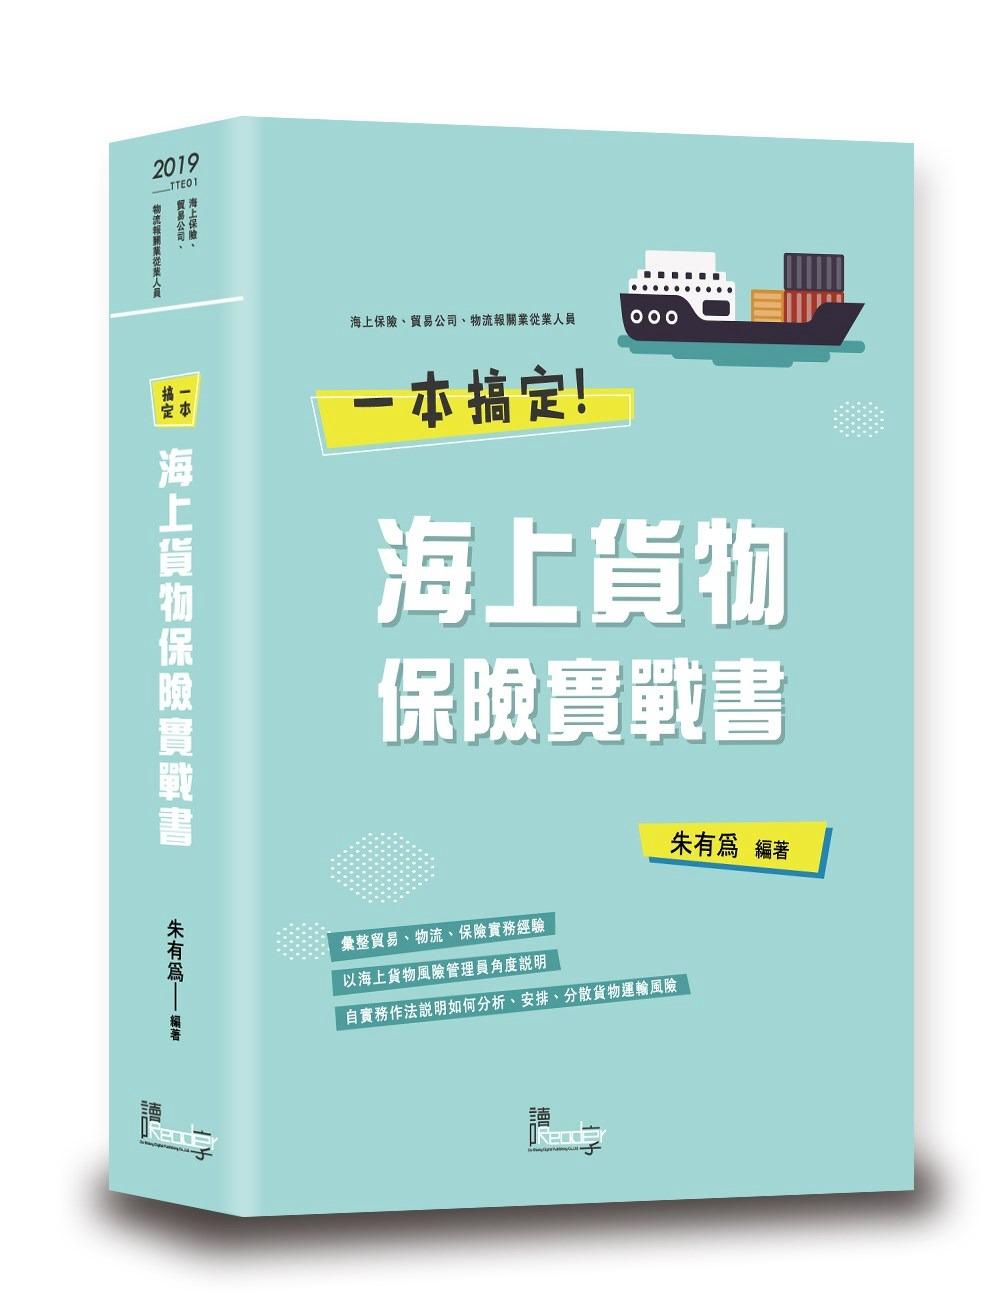 一本搞定海上貨物保險實戰書